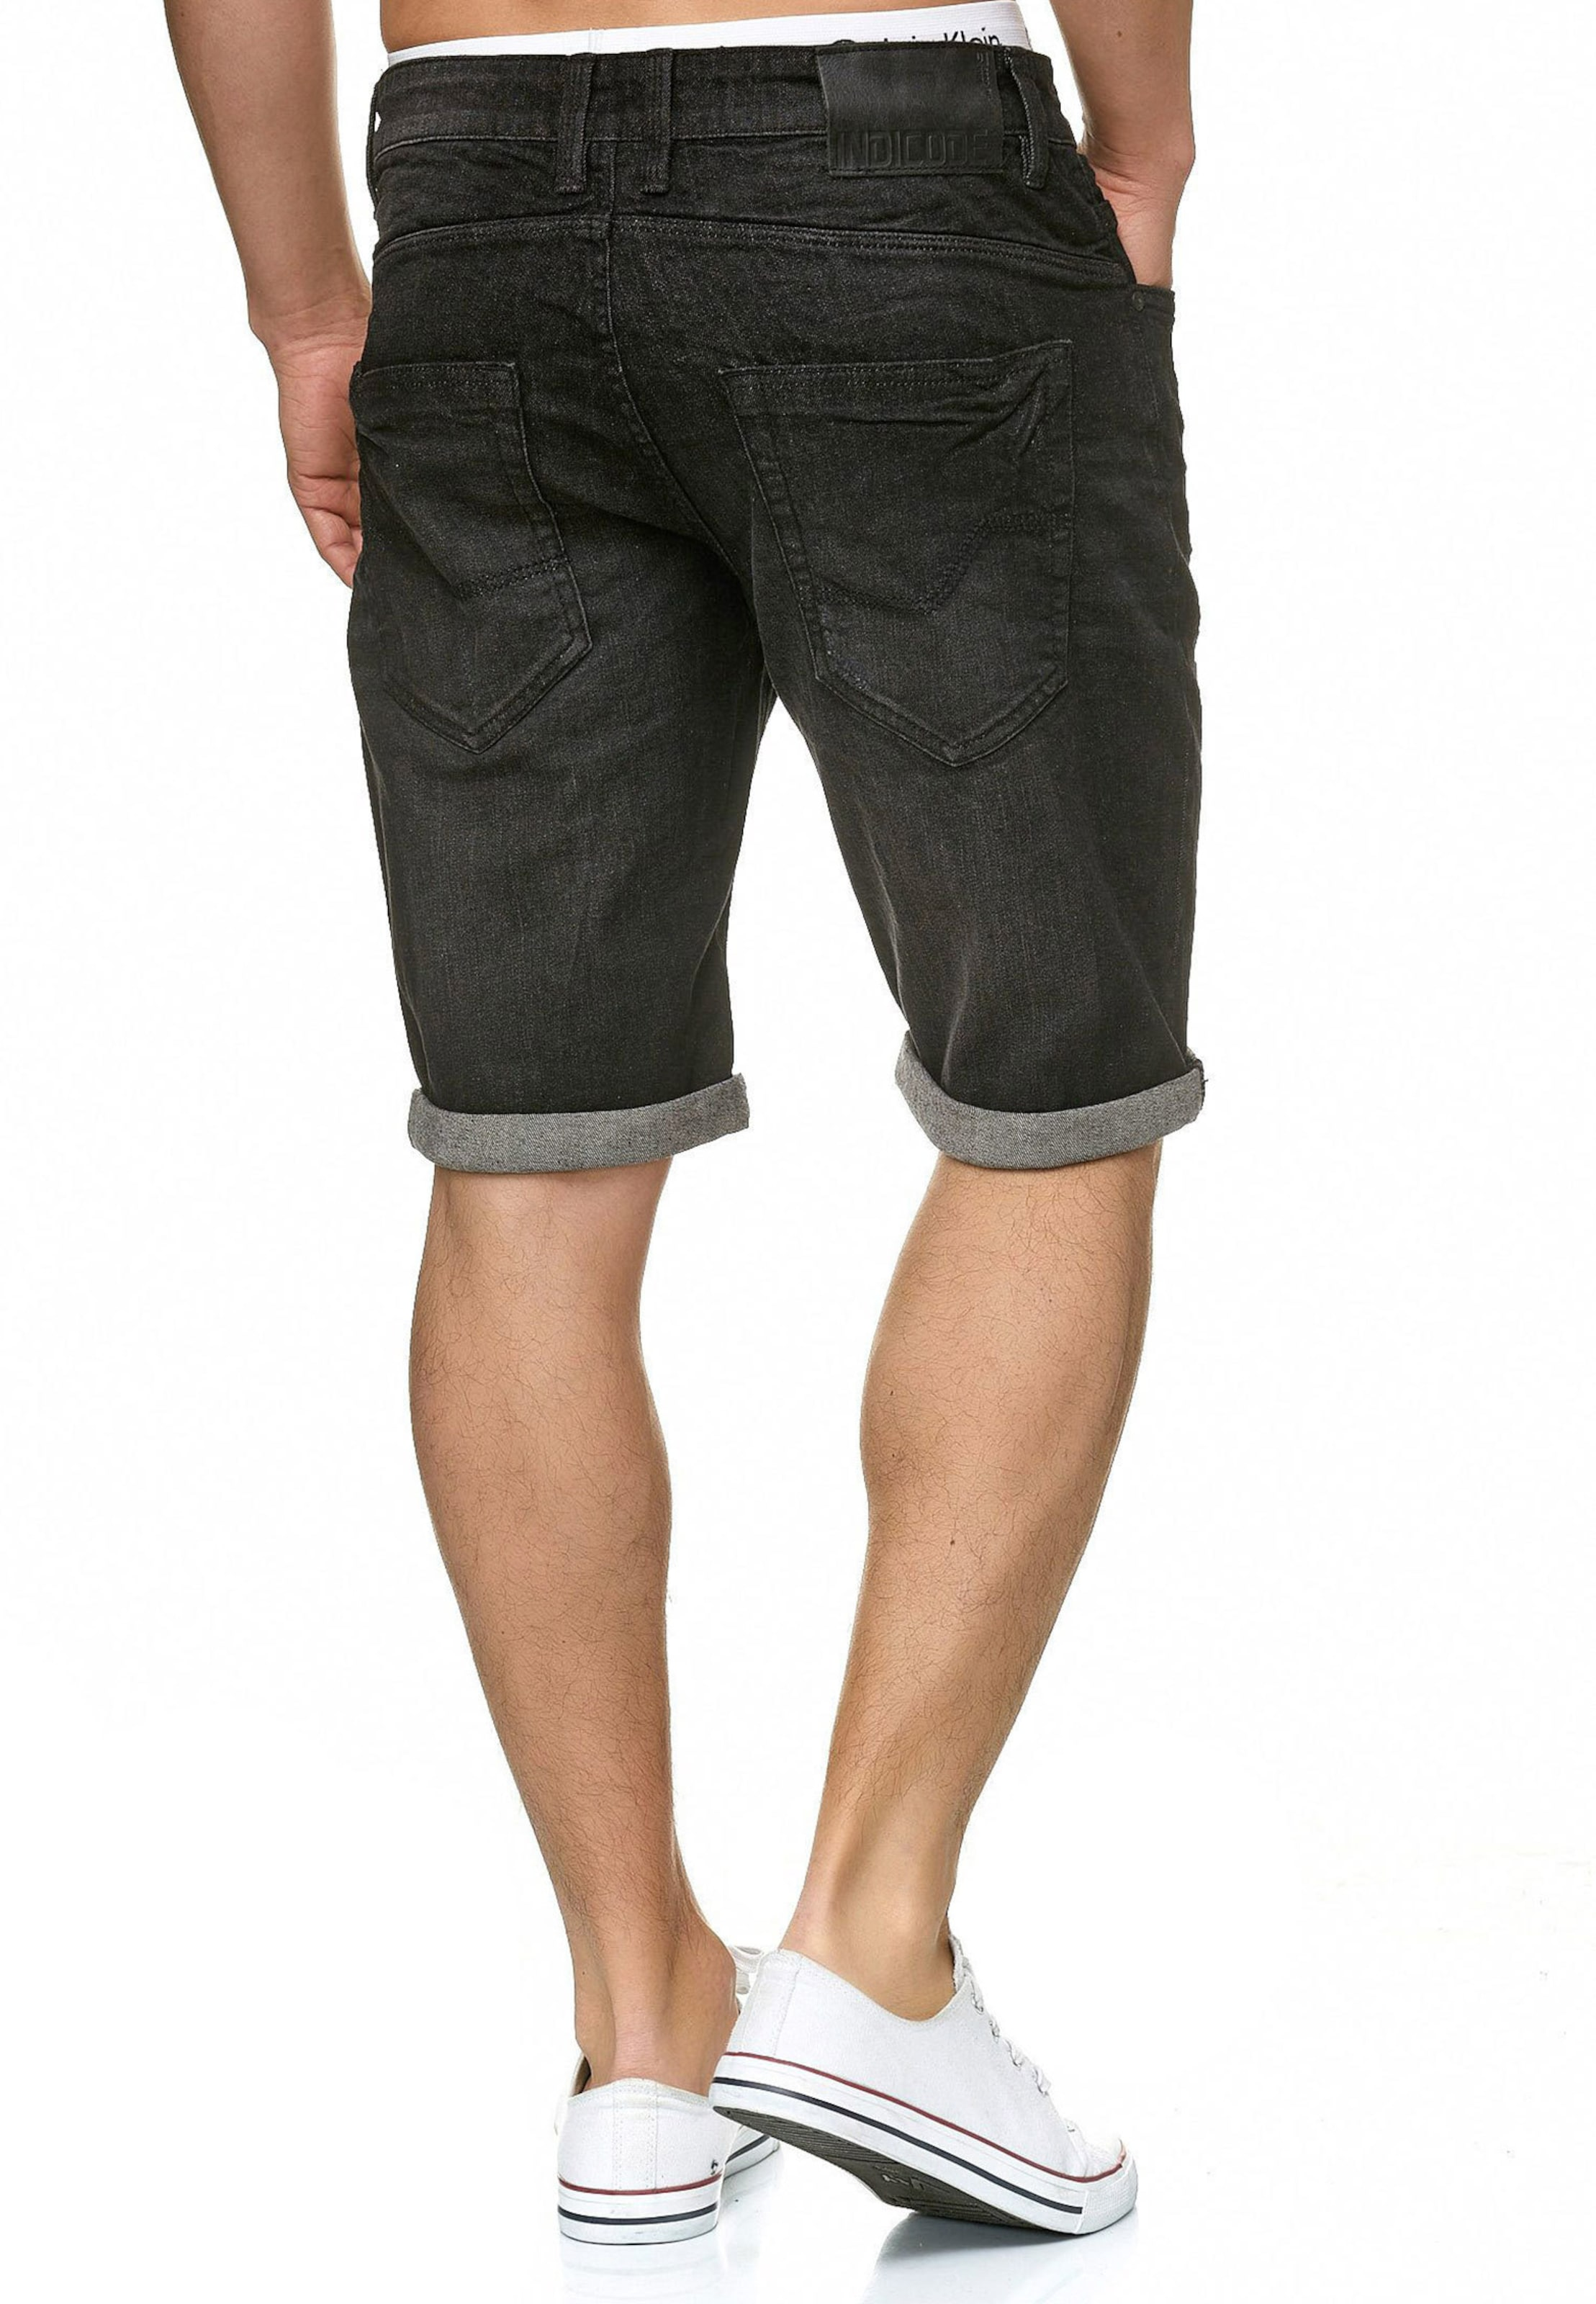 Jeans Jean ' Indicode Schwarz Caden En QrdthBsCx